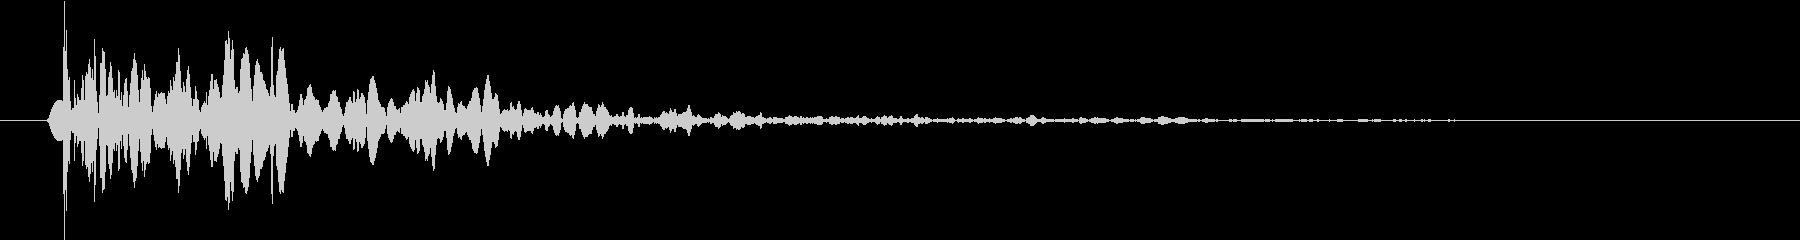 【生録音】野球 キャッチボールの音 1の未再生の波形